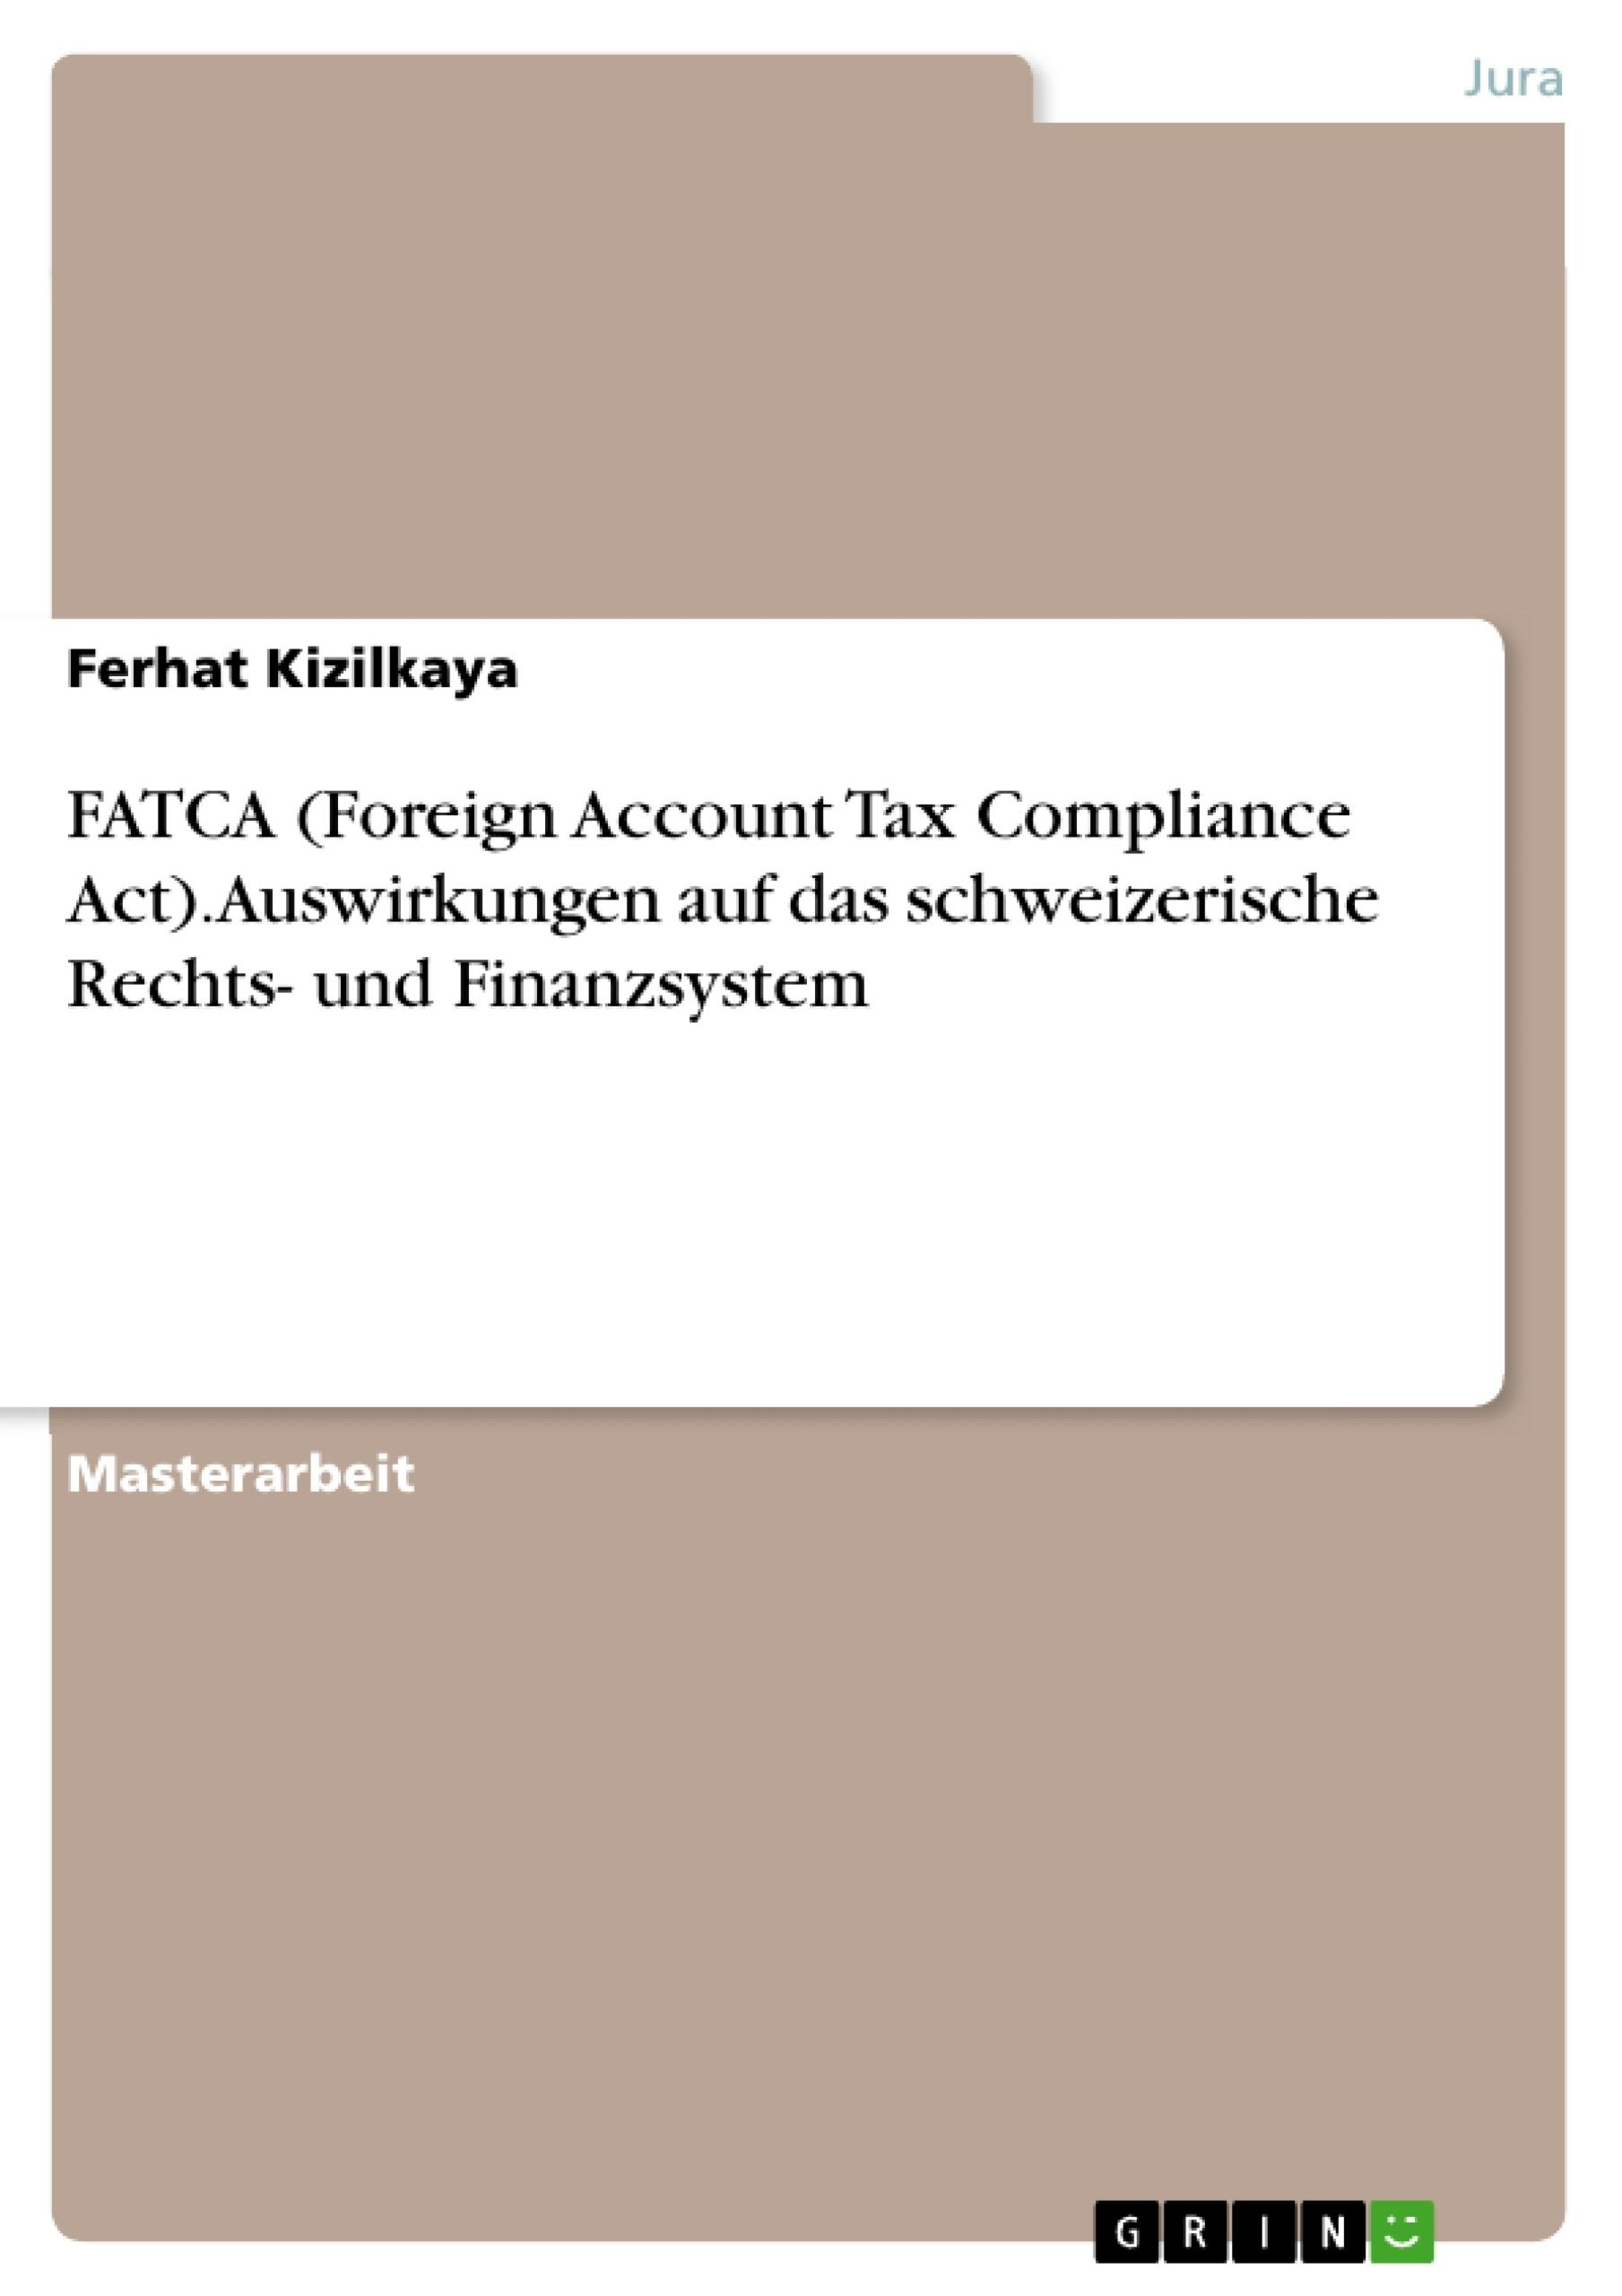 Titel: FATCA (Foreign Account Tax Compliance Act). Auswirkungen auf das schweizerische Rechts- und Finanzsystem